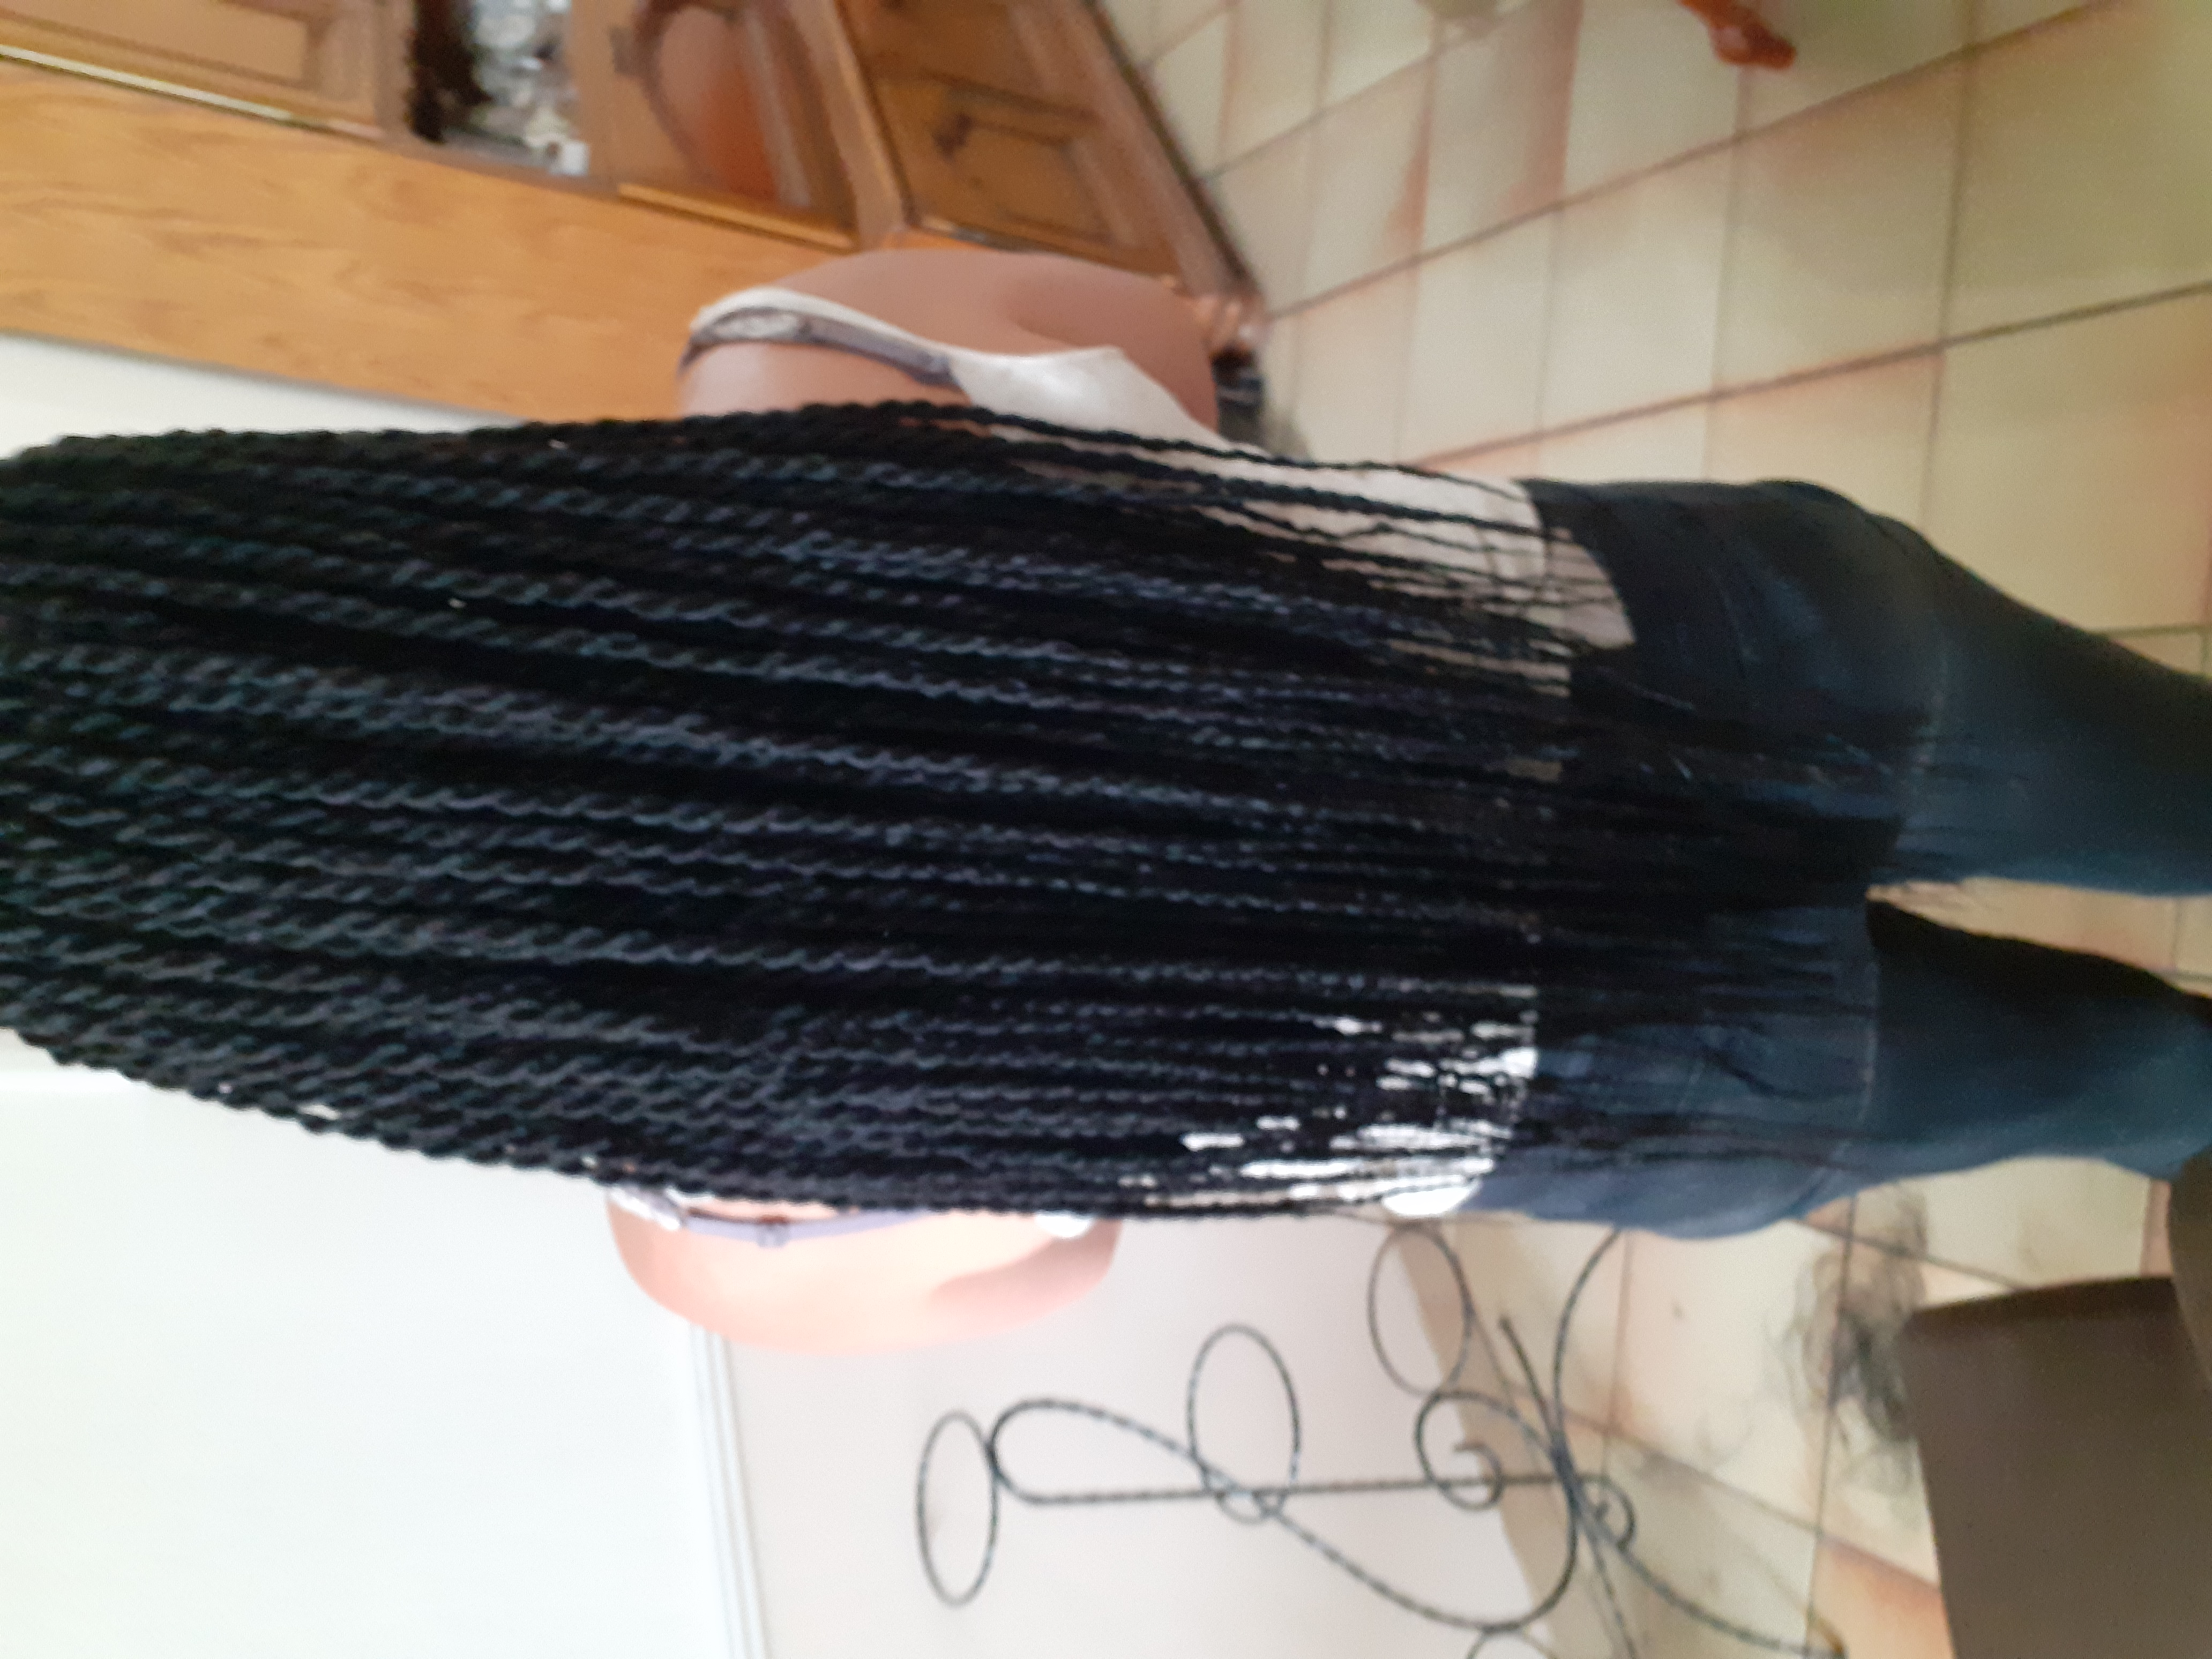 salon de coiffure afro tresse tresses box braids crochet braids vanilles tissages paris 75 77 78 91 92 93 94 95 CUPNIDHQ